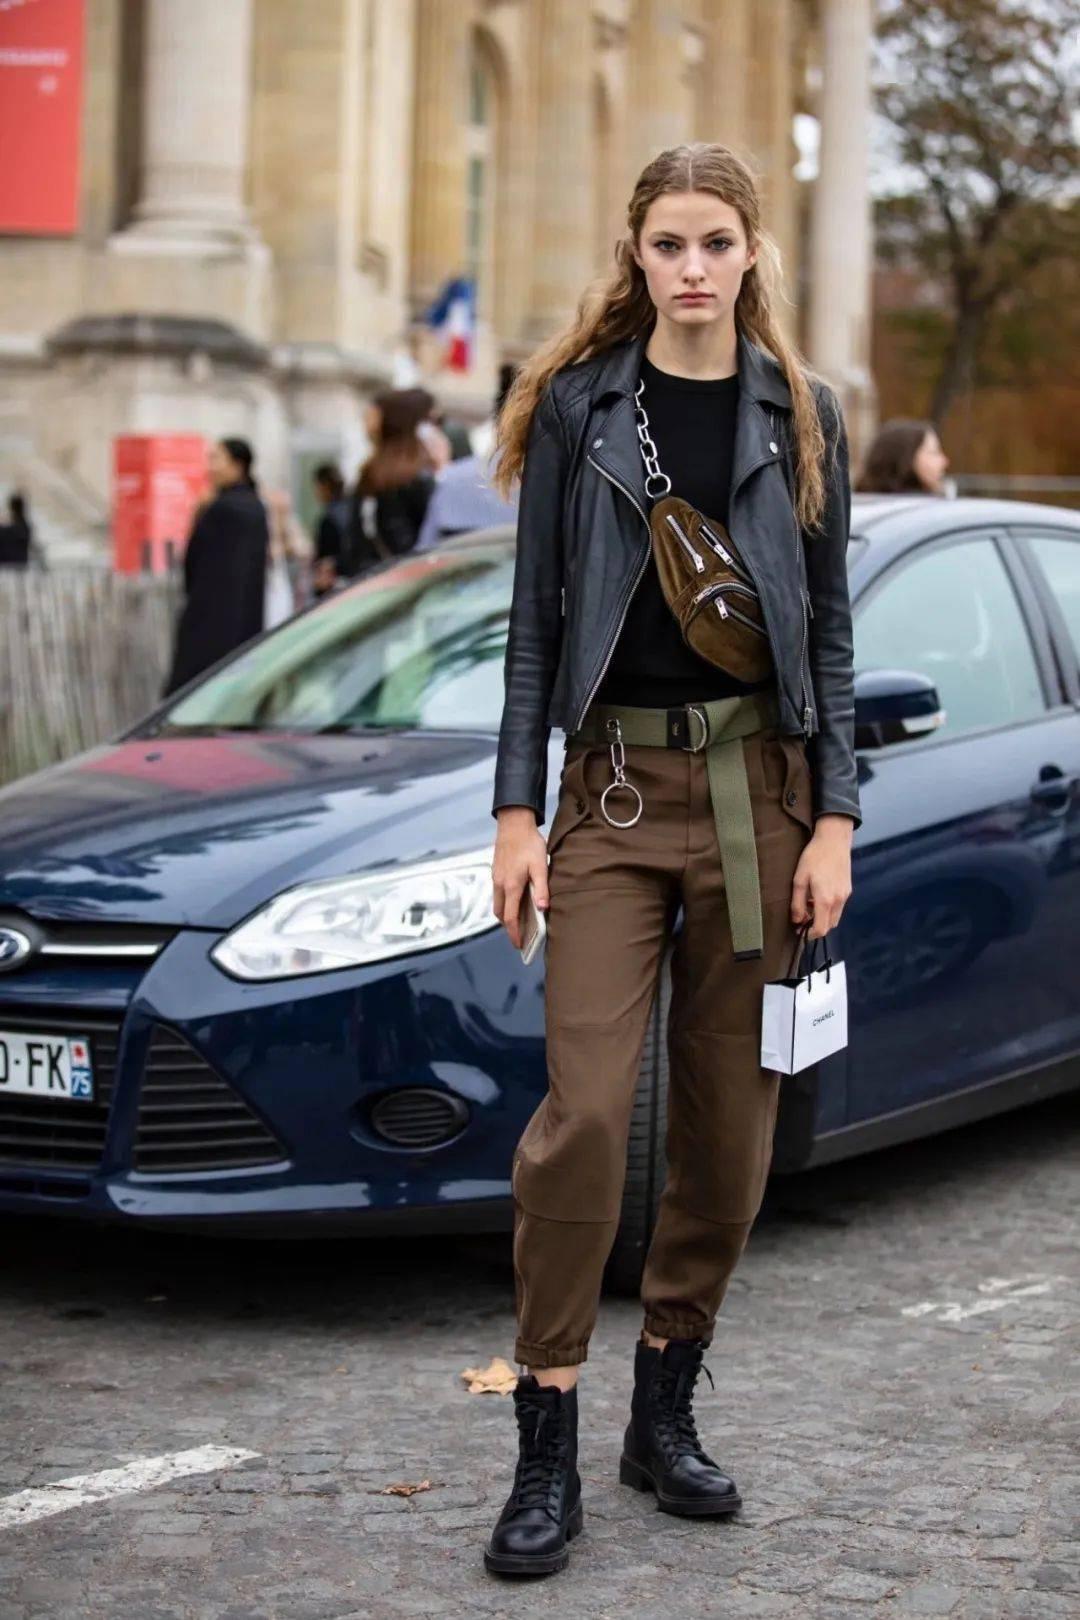 马丁靴+裙子,马丁靴+工装裤……又酷又撩,时髦炸了!     第34张